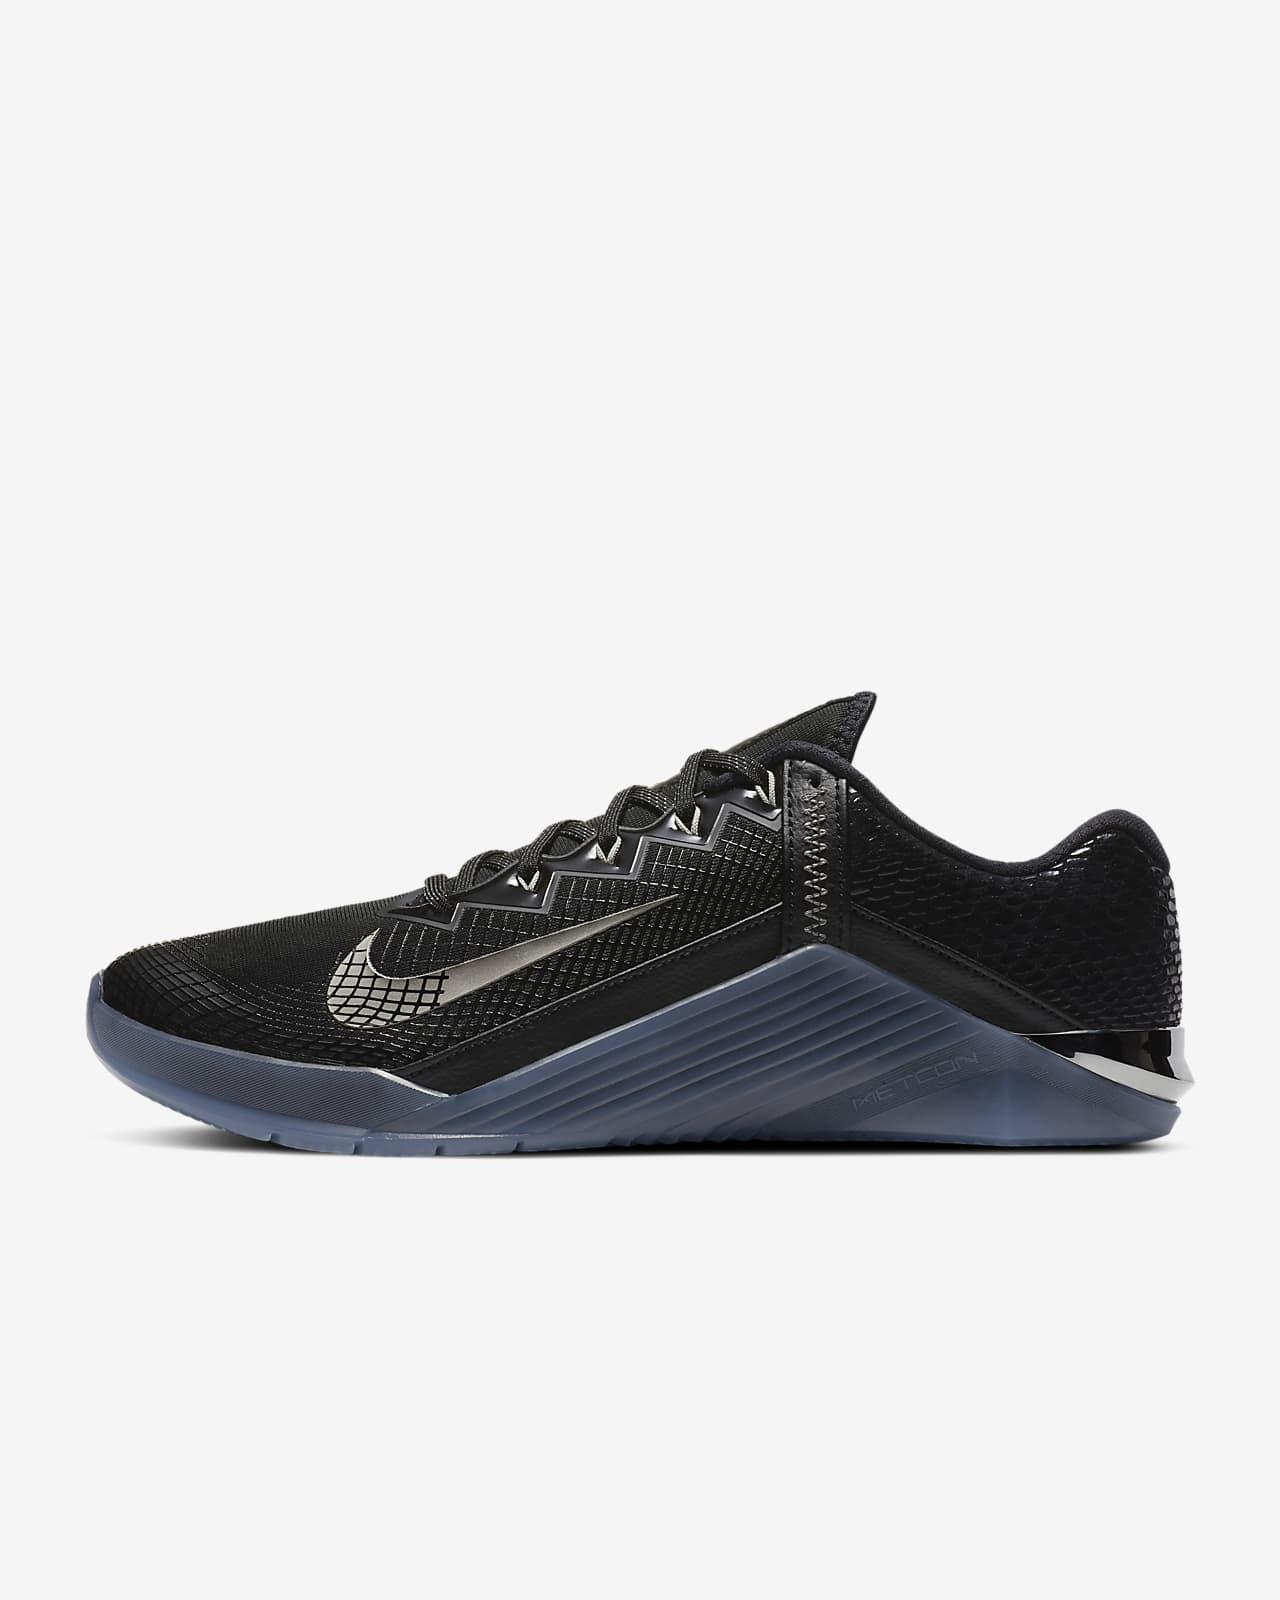 Calzado de entrenamiento Nike Metcon 6 AMP